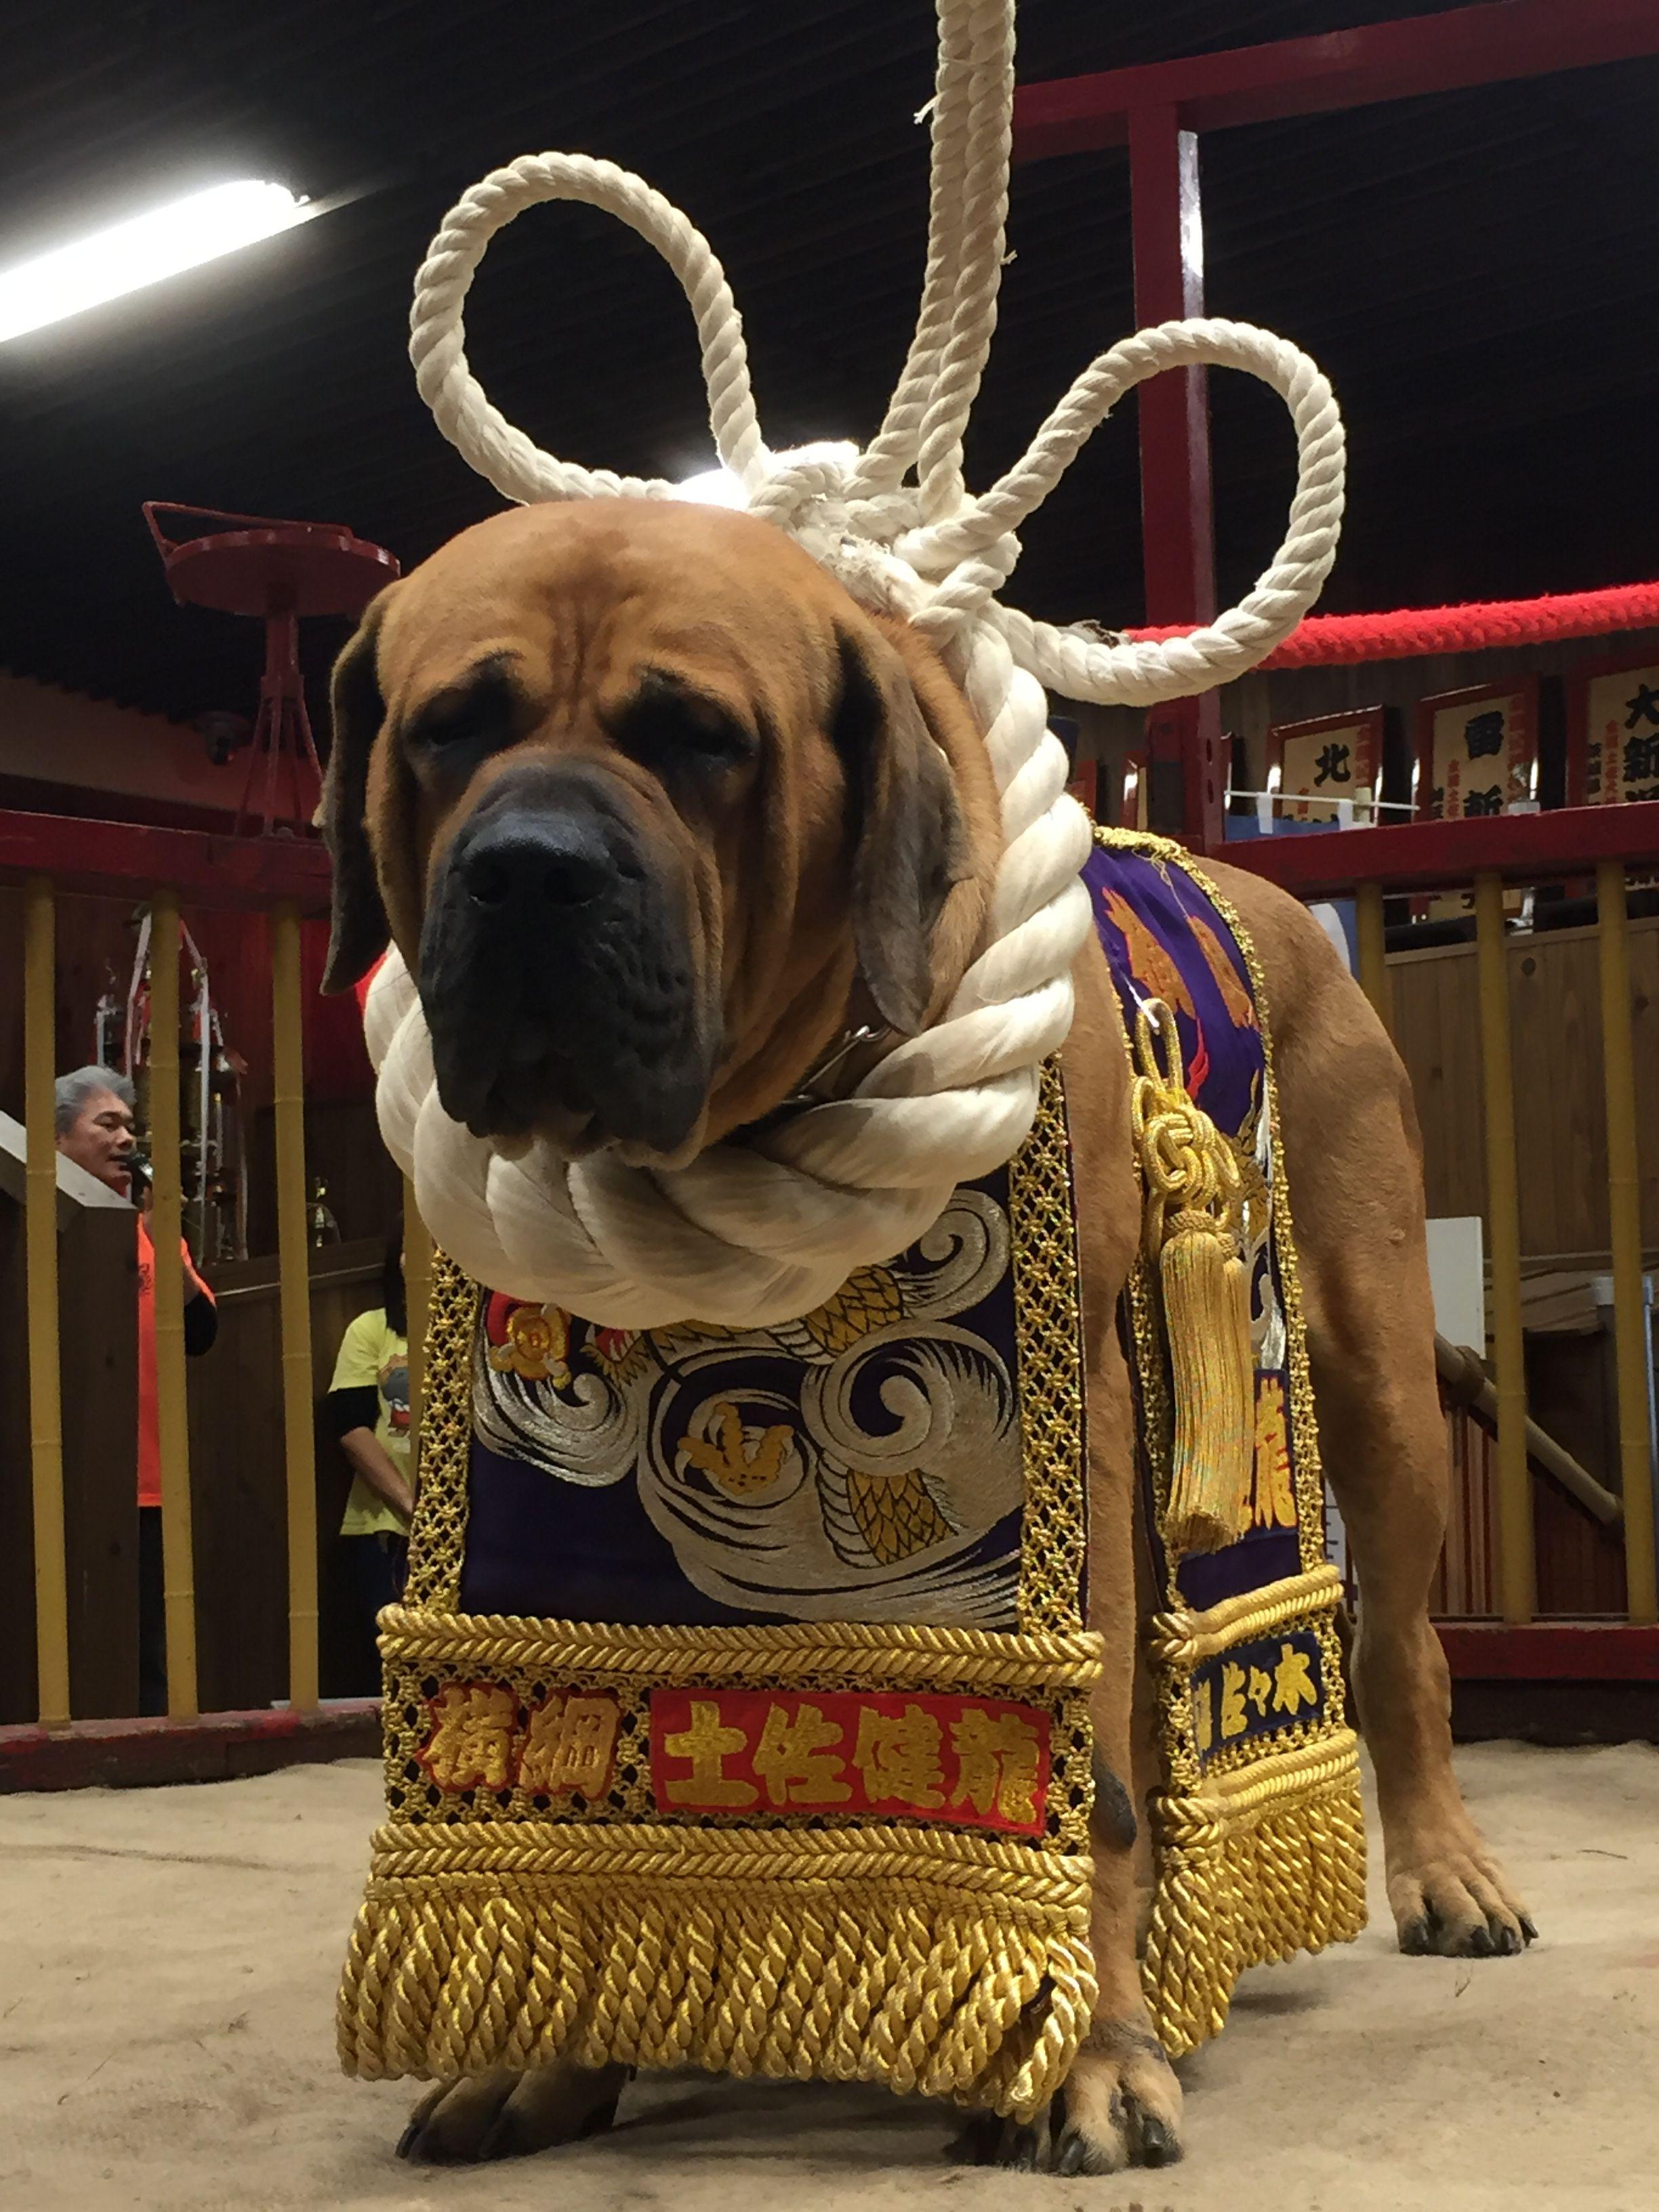 土佐犬 とさいぬパーク Oriental Zodiac Sign 犬 ワンコ Y 動物